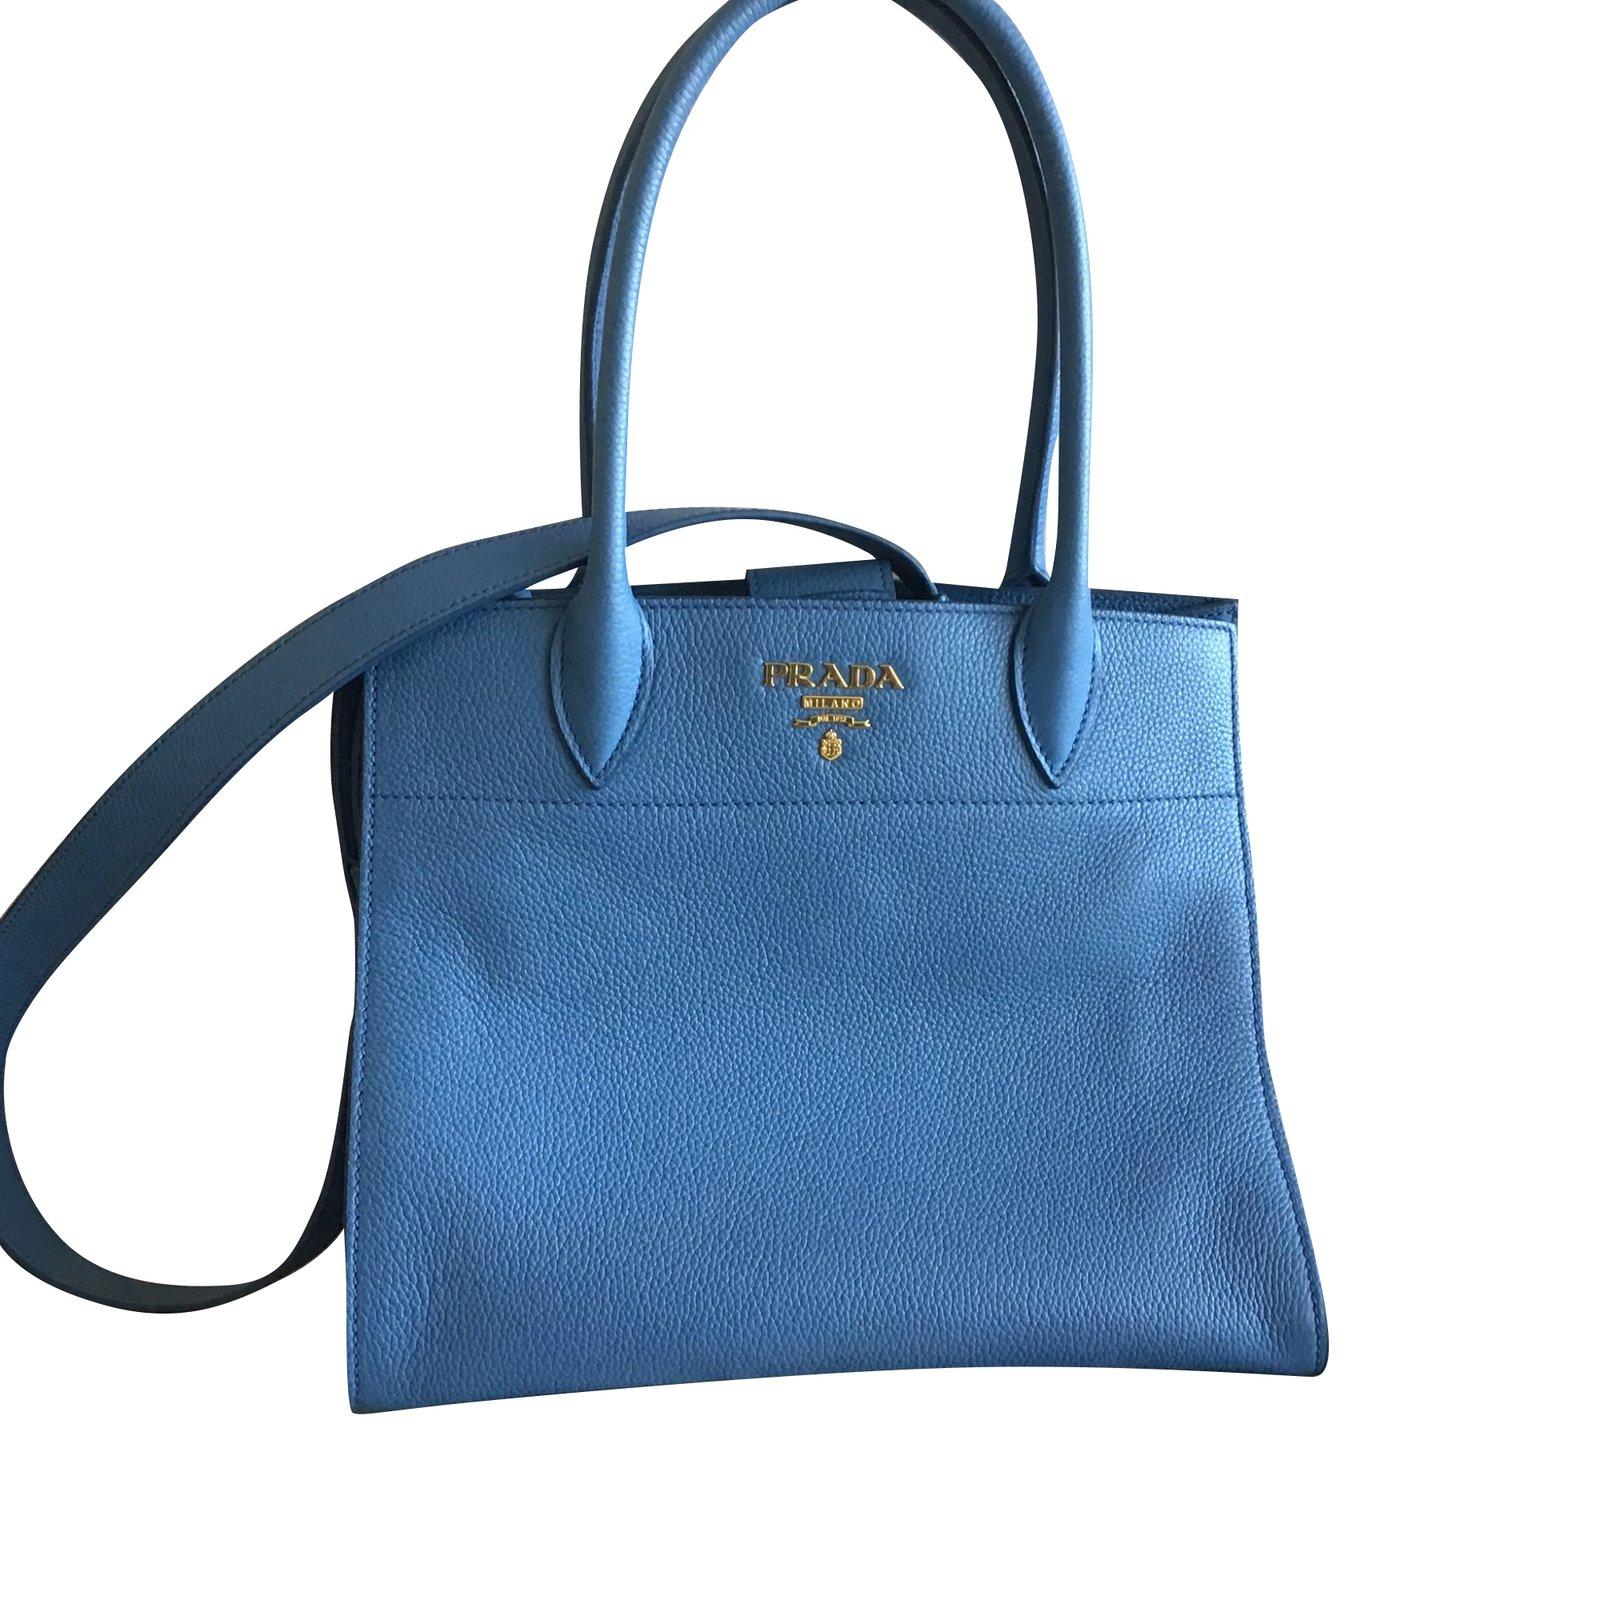 6c40735a2e18 Prada Handbags Handbags Leather Blue ref.103433 - Joli Closet